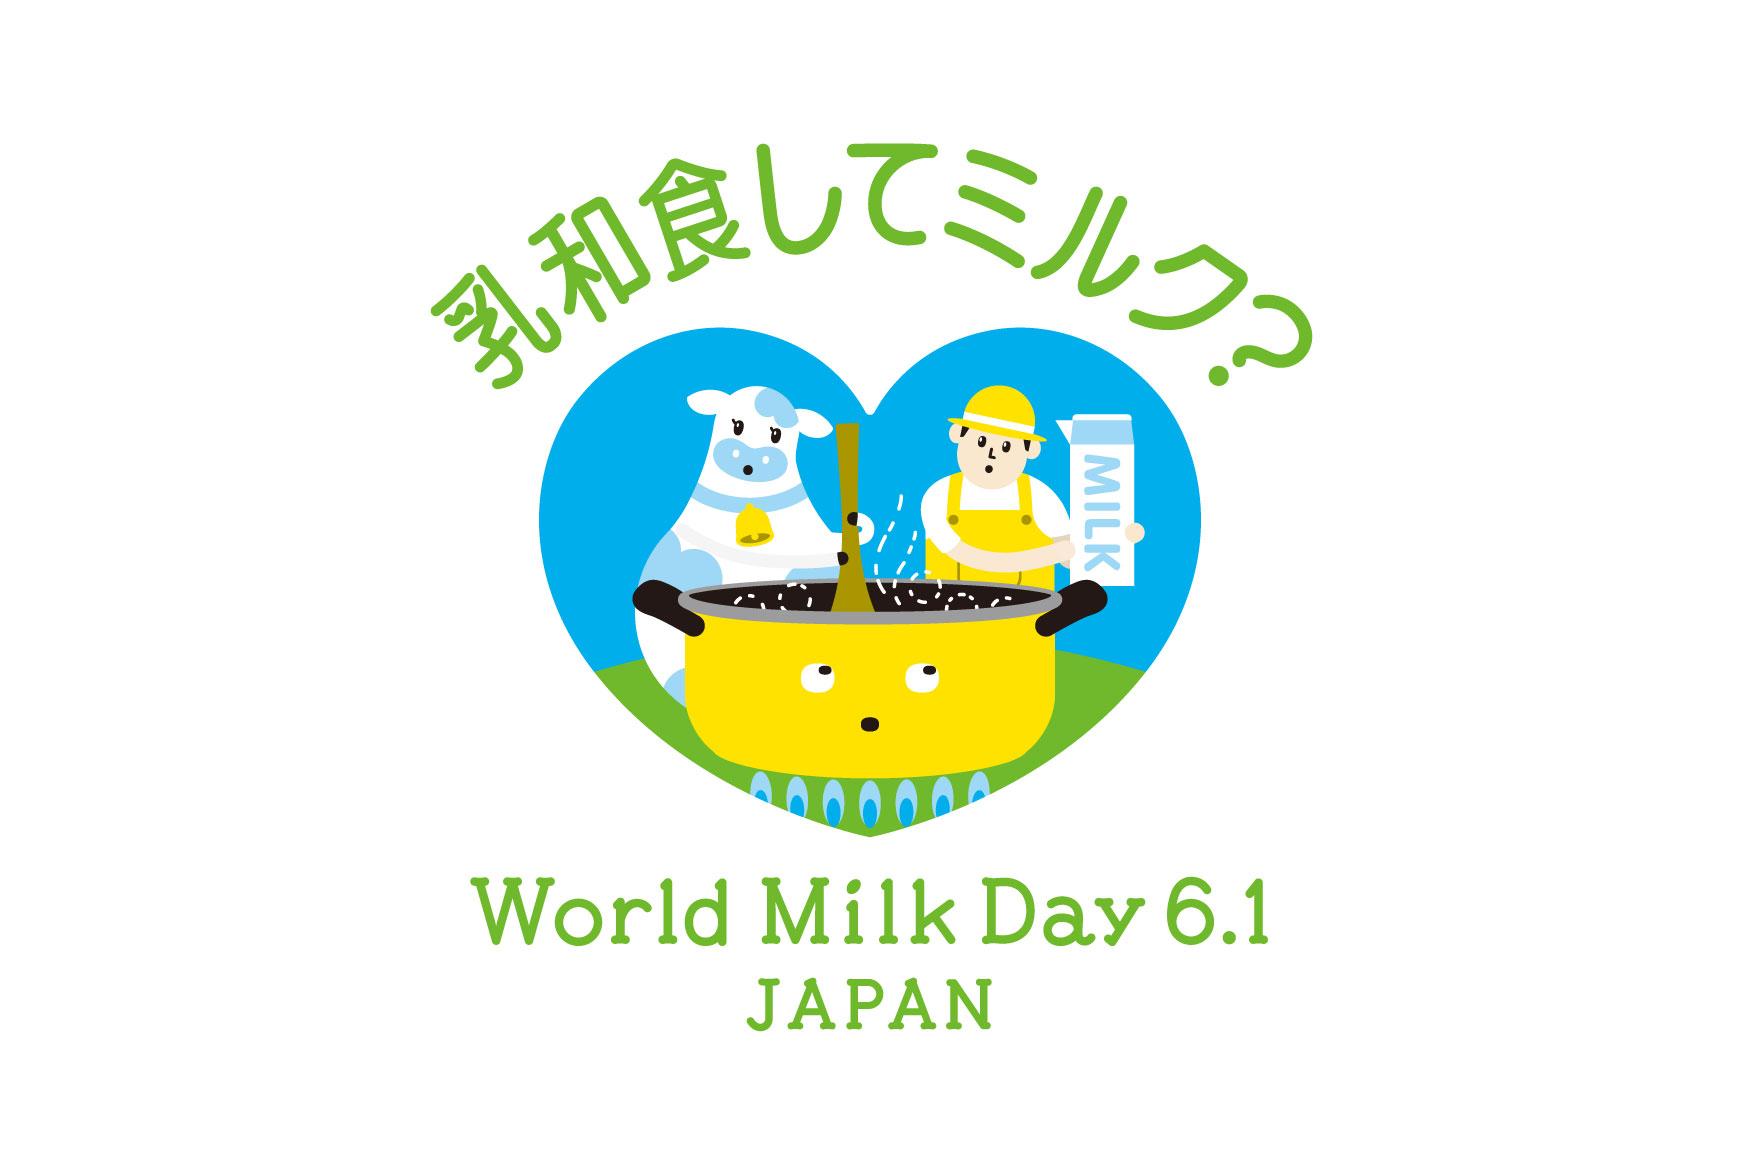 ワールドミルクデーのブランドロゴデザイン画像